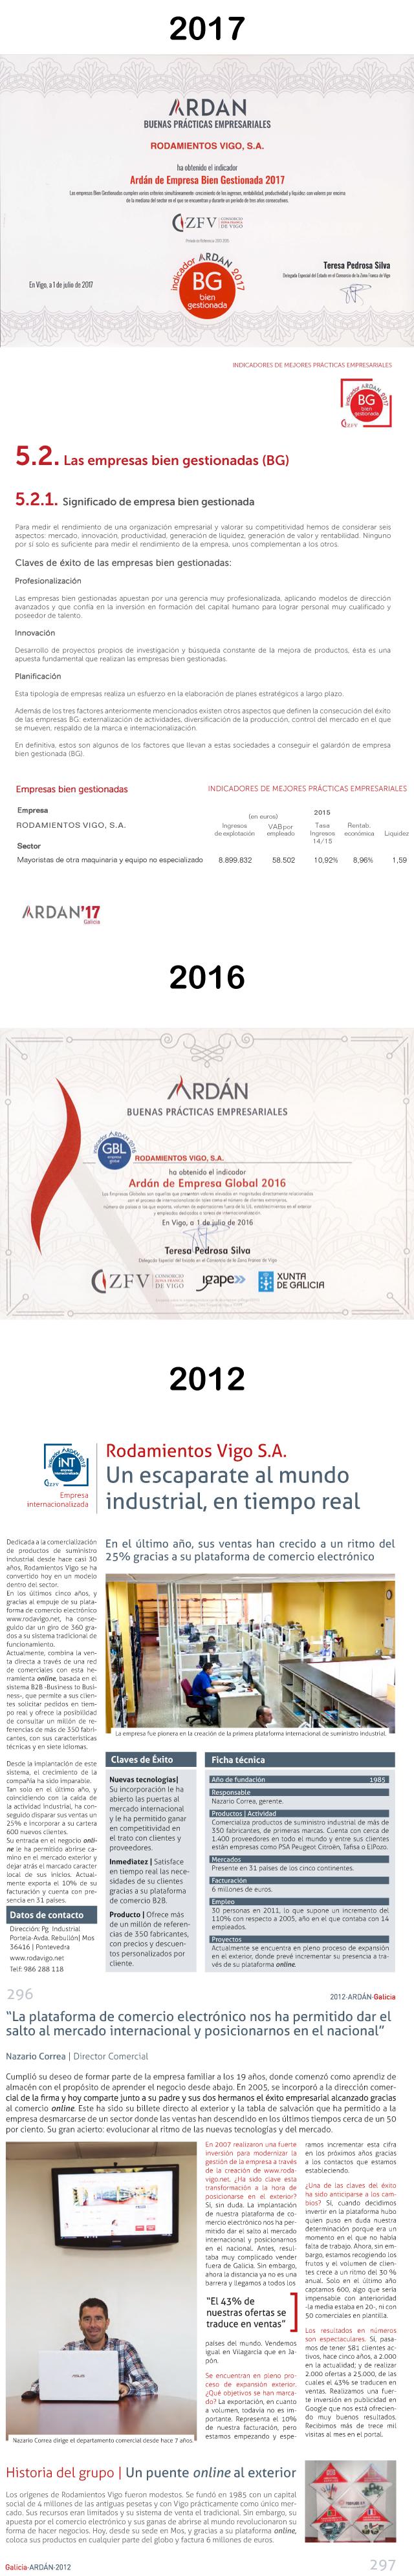 Ardán Español